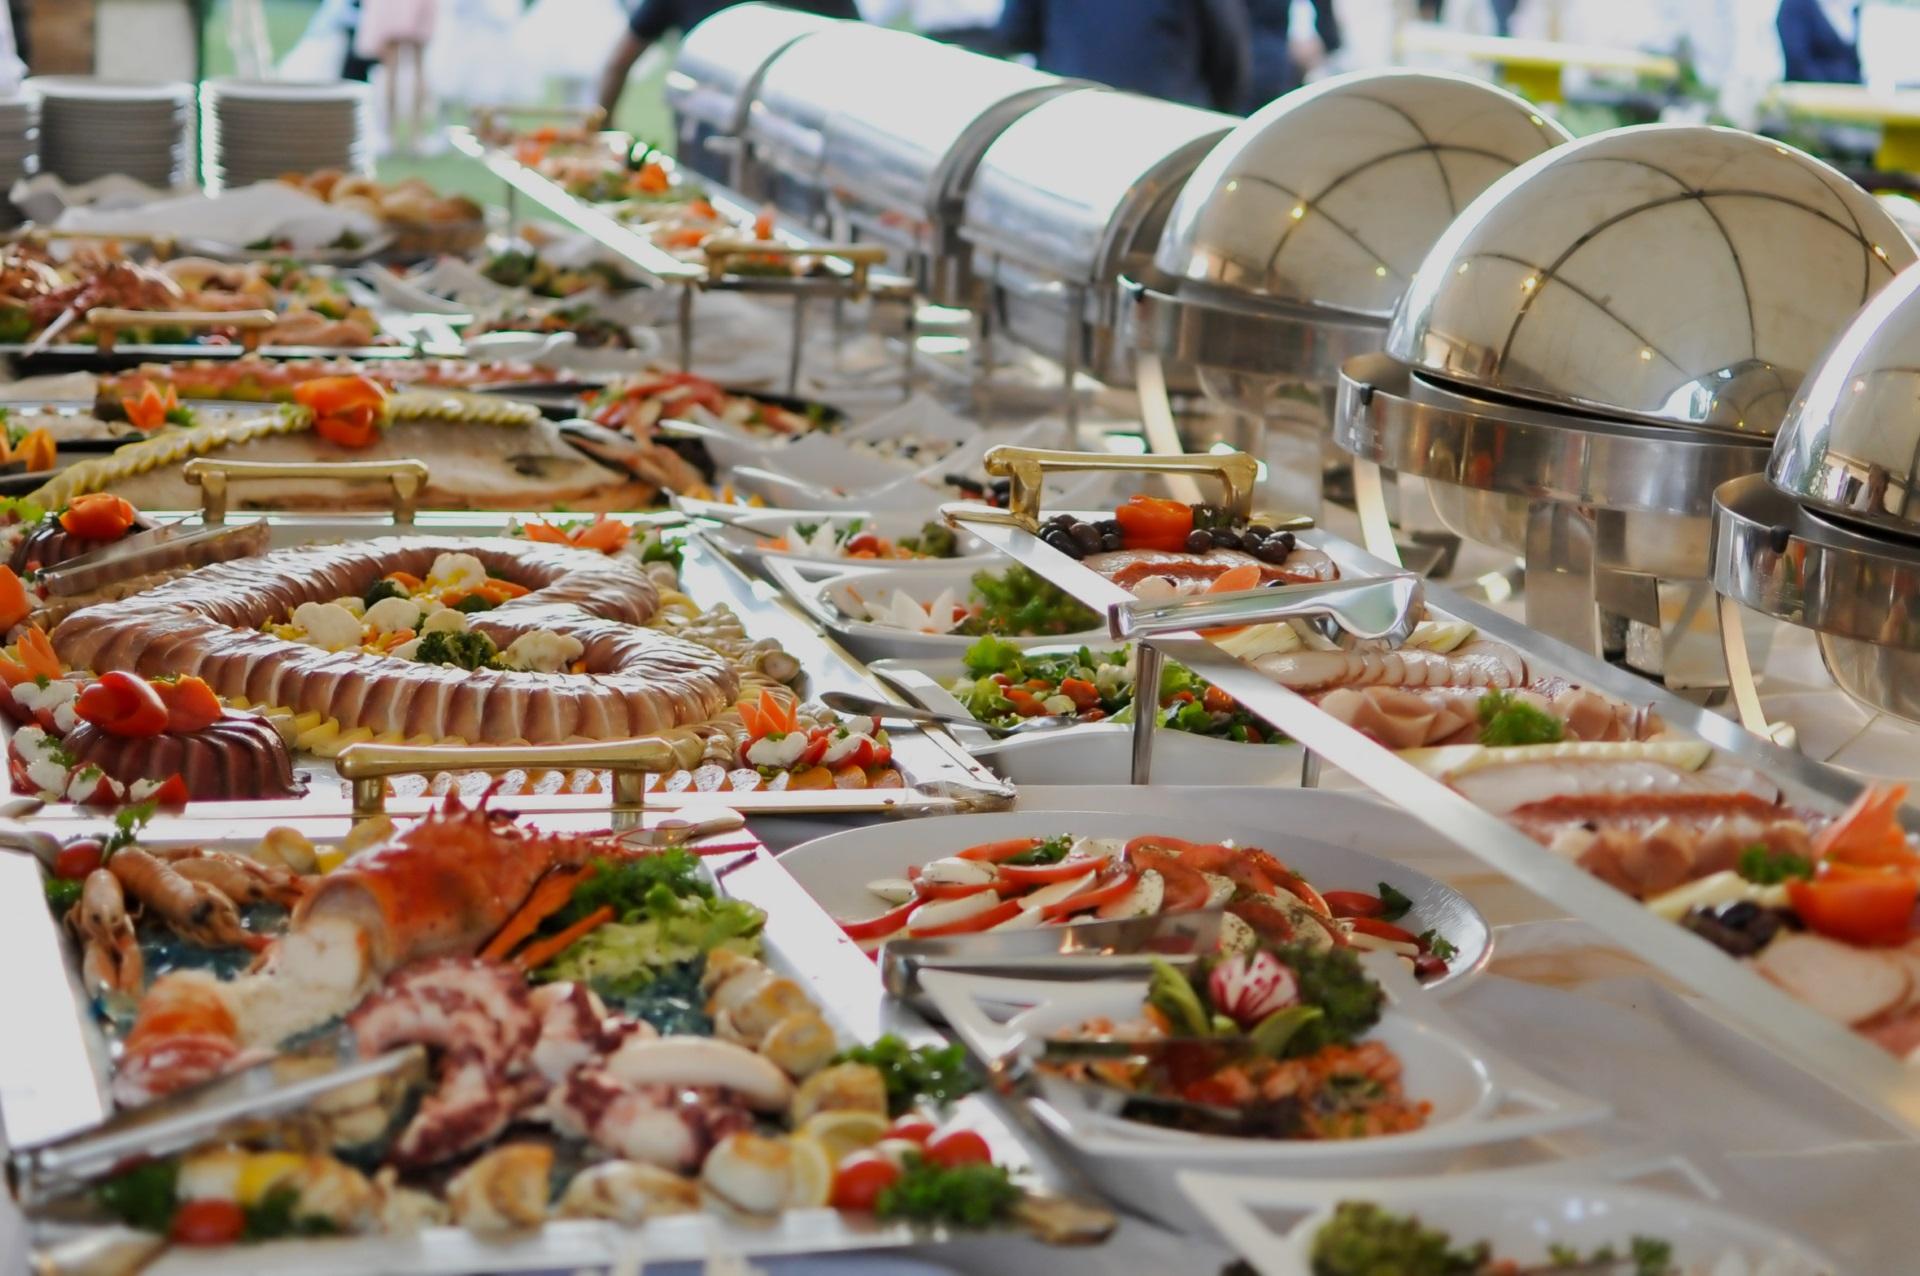 шведский стол фото в отелях результаты диеты